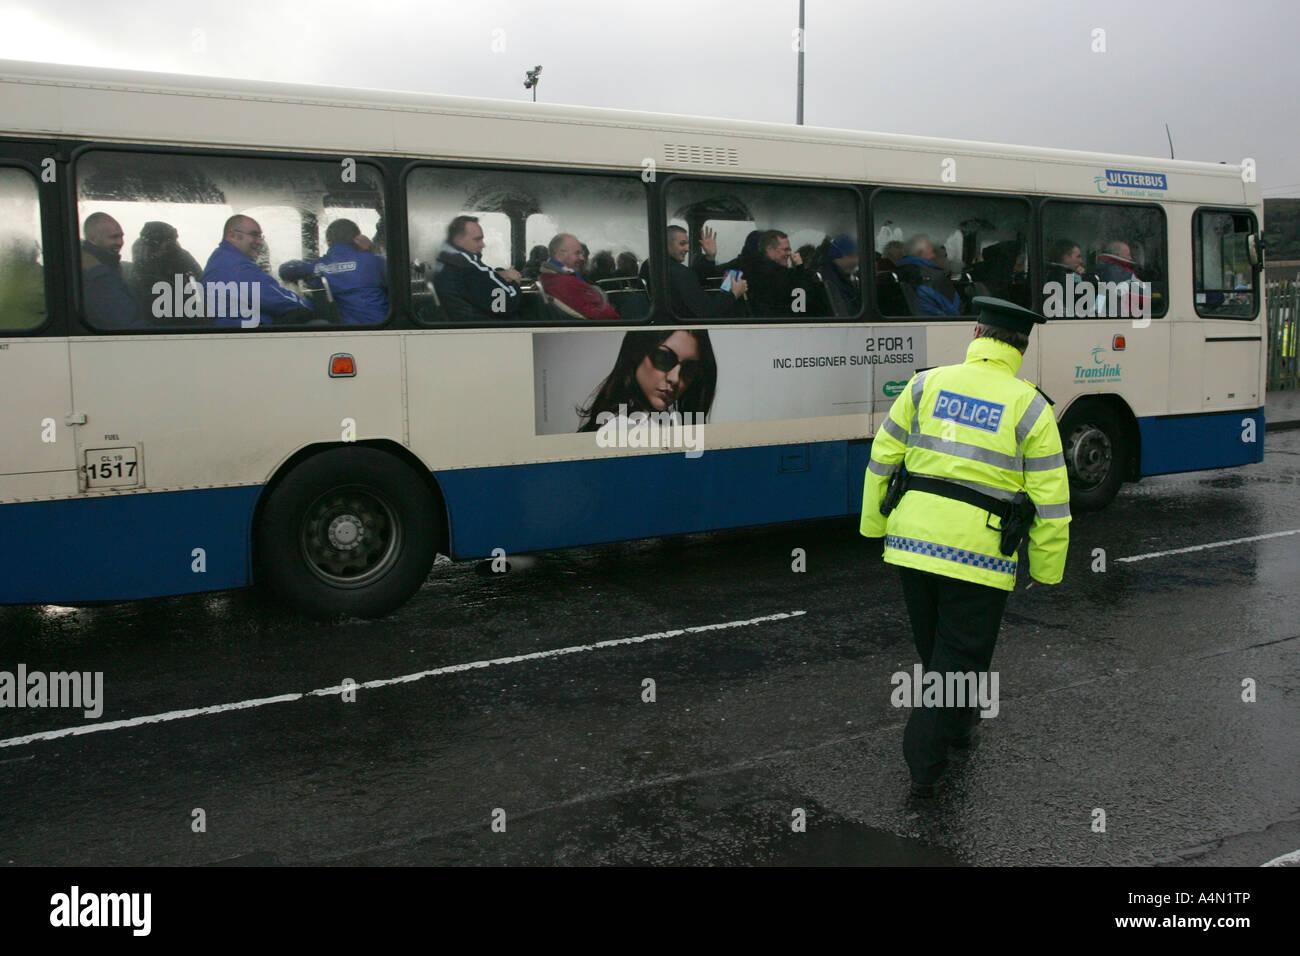 PSNI poliziotto in hi vis jacket accompagnatrici ulster autobus pieno di sostenitori linfield attraverso cattolica Immagini Stock